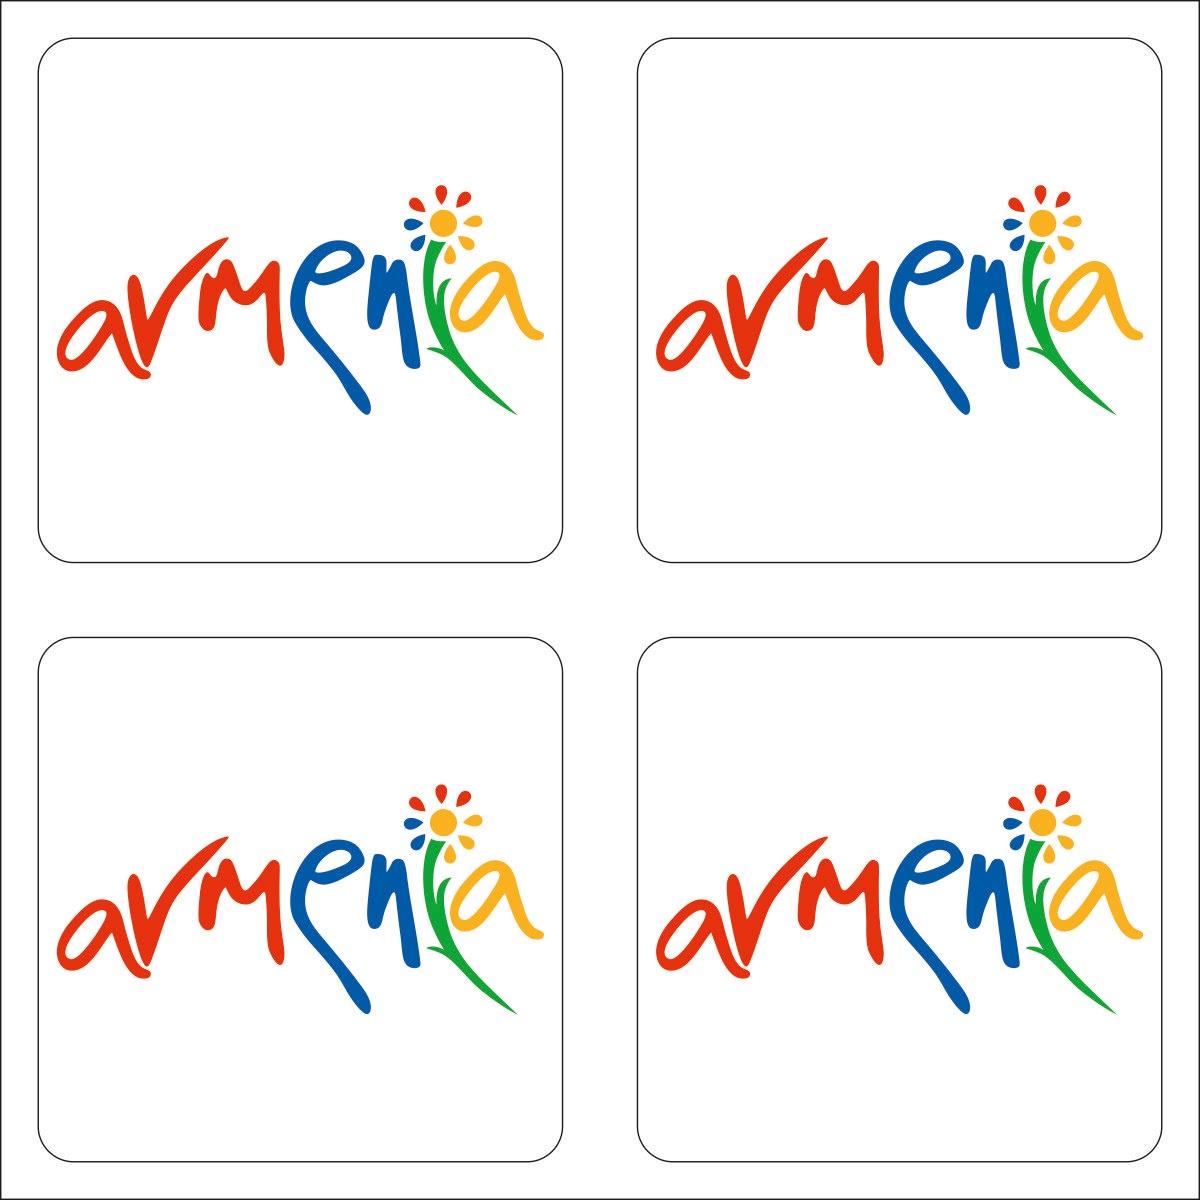 Наклейка Оранжевый Слоник виниловая путешественника armenia, Винил16CW03RGBВиниловая наклейка путешественника, в первую очередь, предназначена для наклеивания на чемодан путешественника. Показывает в каких странах путешественник побывал. 4 отдельных наклейки на листе.